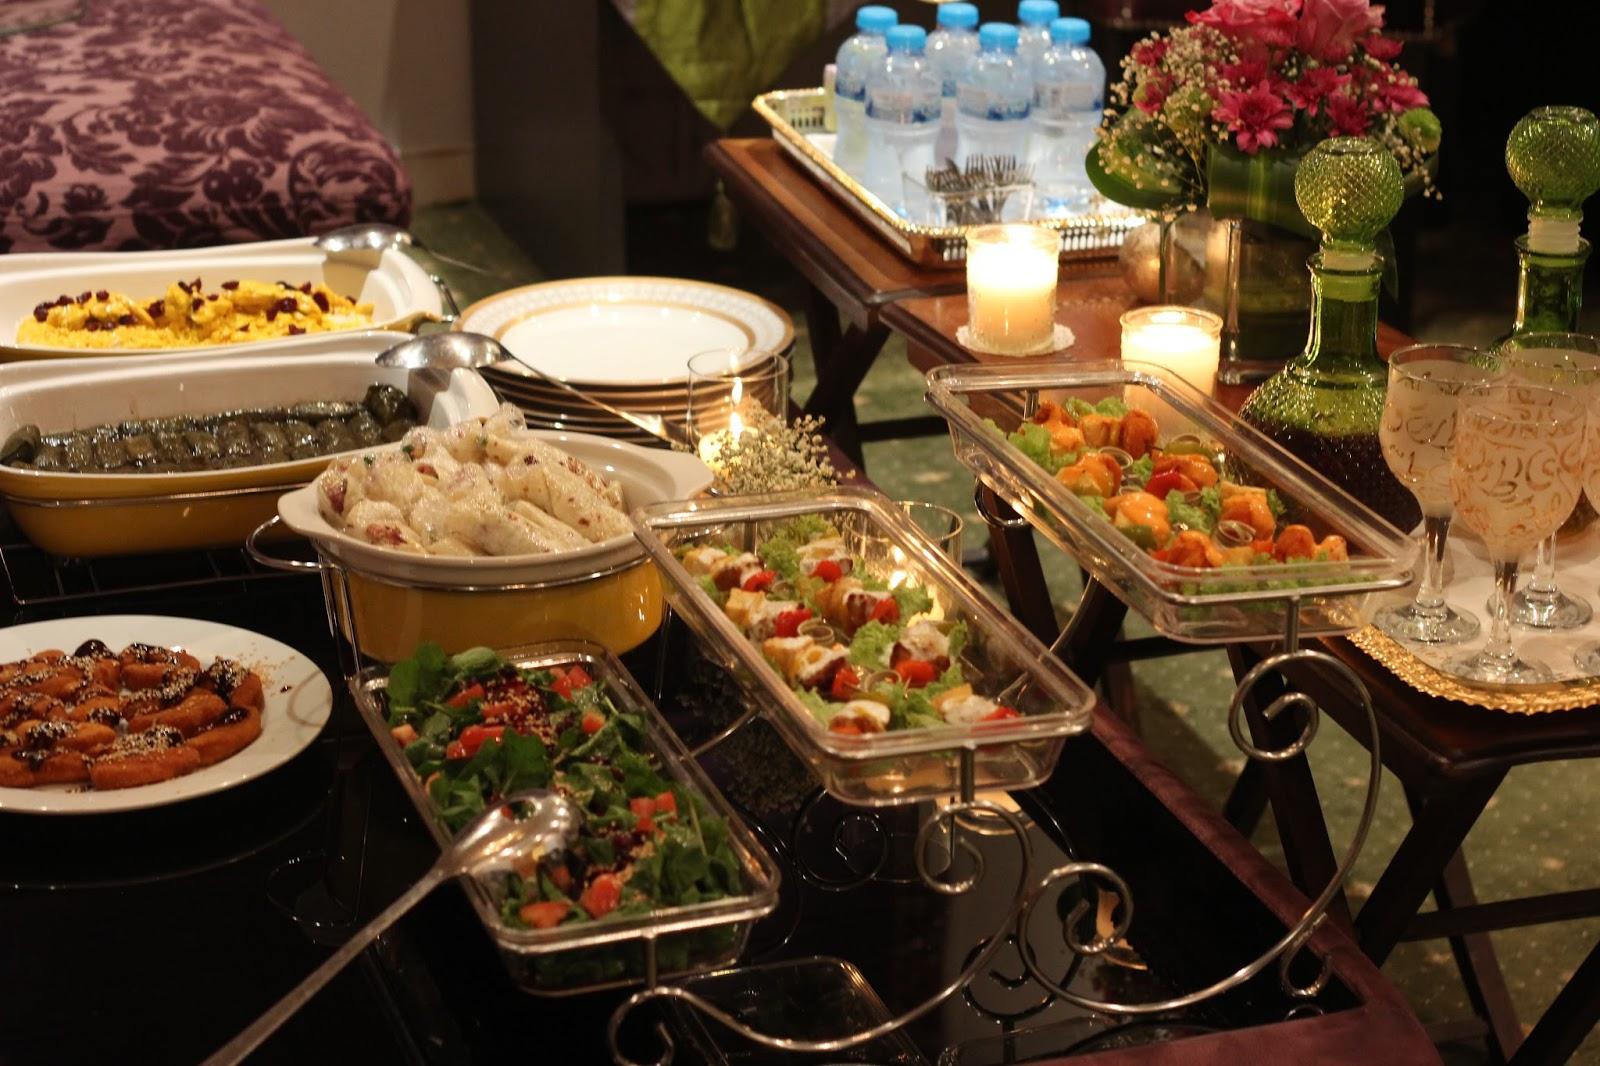 صورة عشاء فخم , صور لارقي وجبة مساء 2737 4